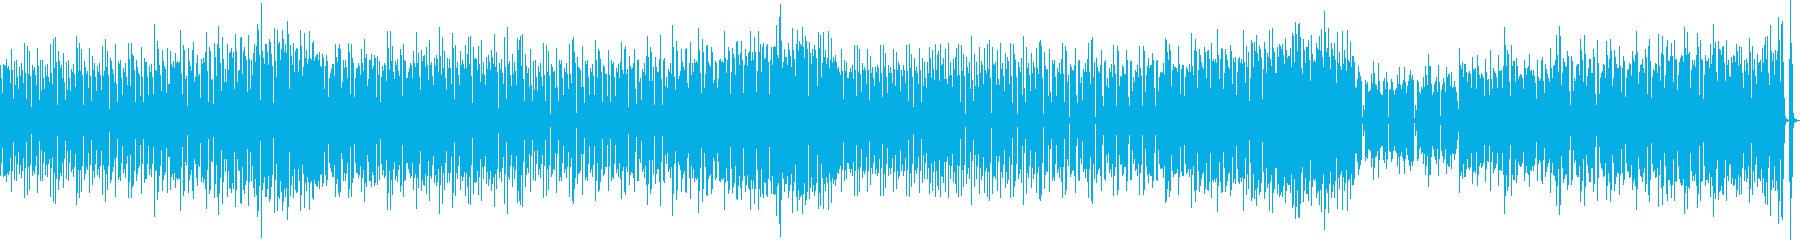 かわいいポップあかるいゲーム曲の再生済みの波形